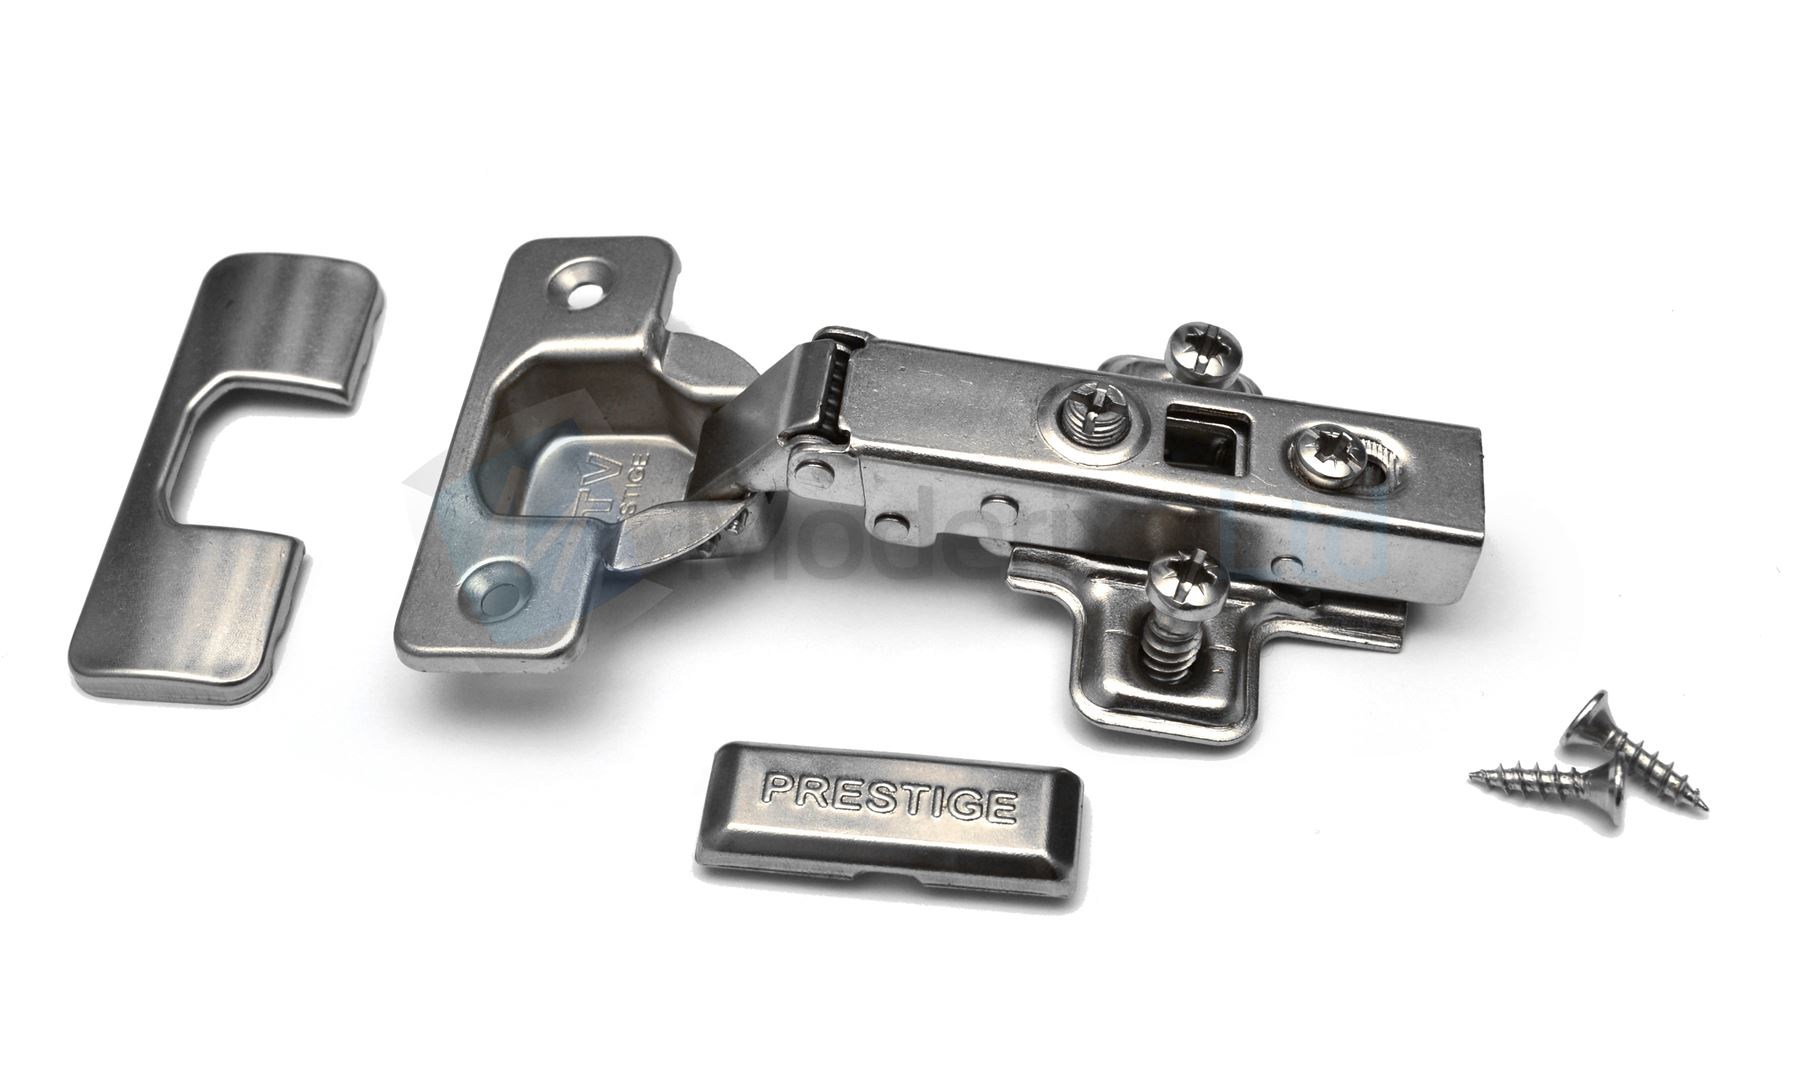 Gtv prestige soft close kitchen cabinet door hinge plate - Soft closers for kitchen cabinets ...